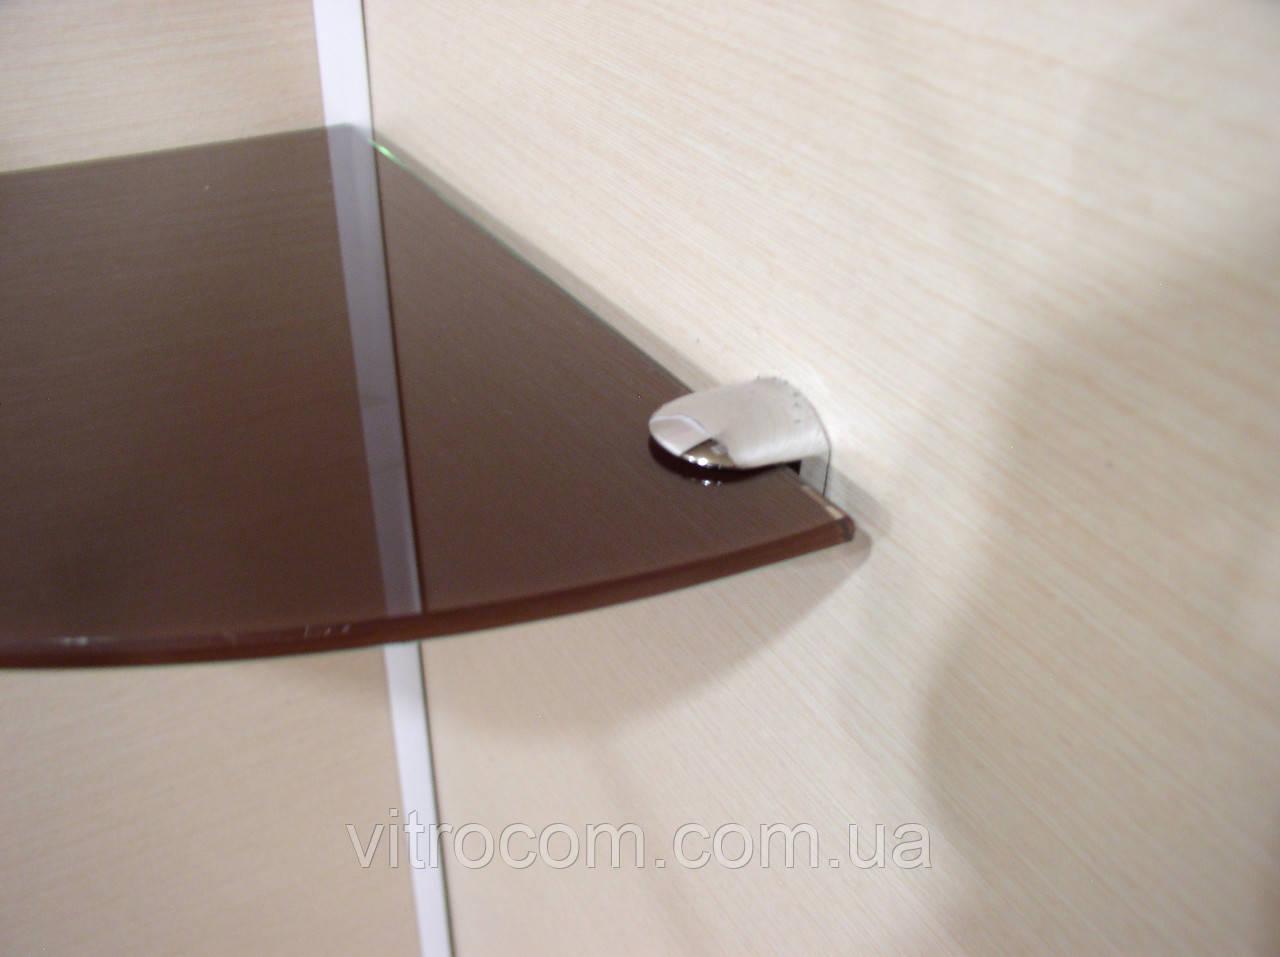 Полка стеклянная угловая 4 мм коричневая 30 х 30 см